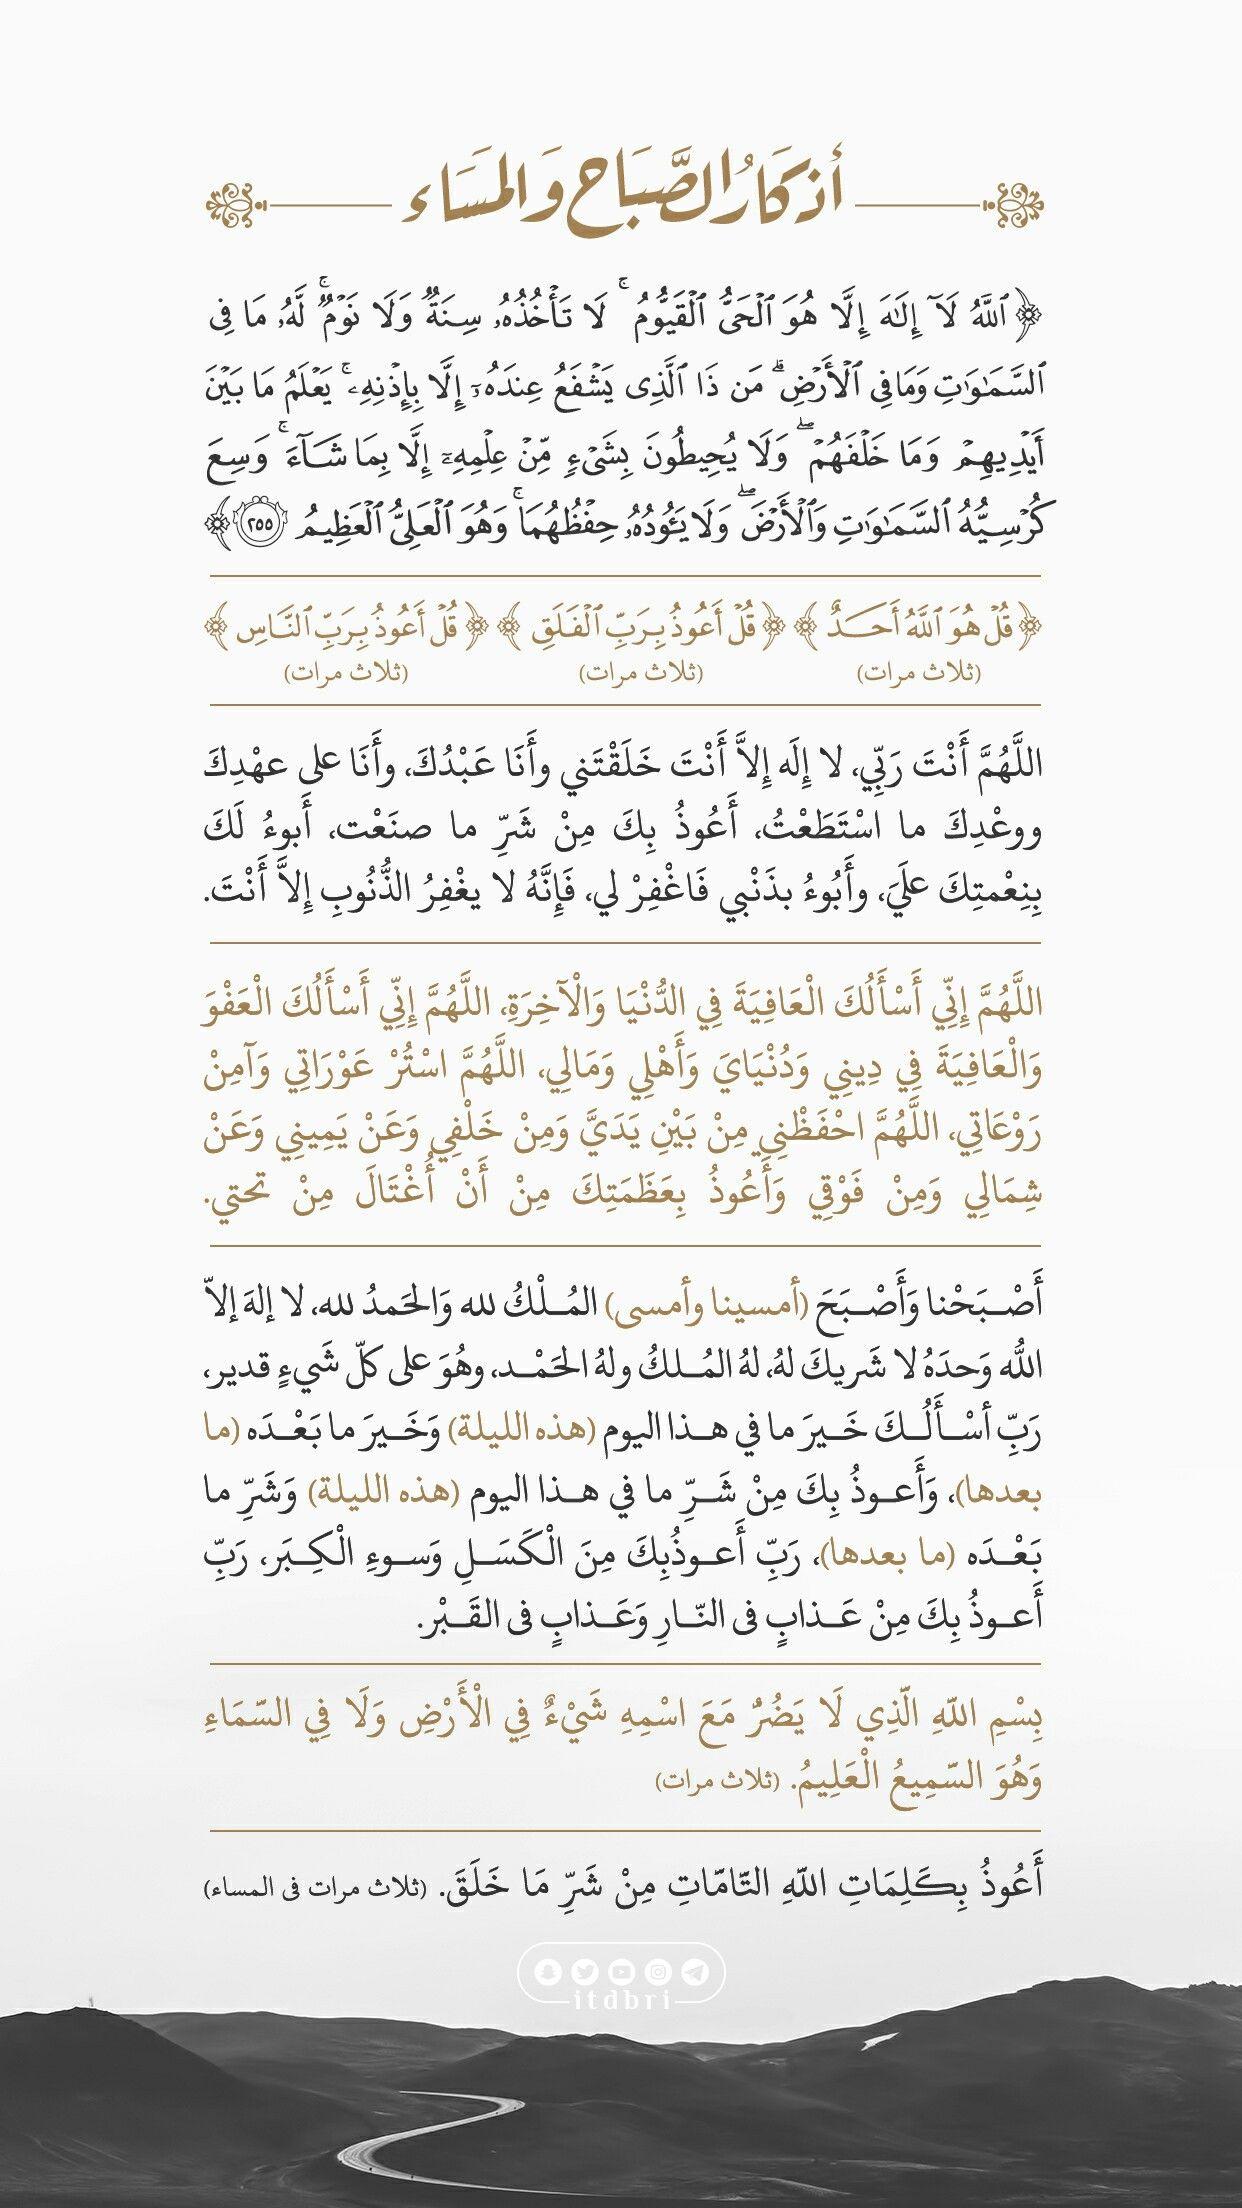 أذكار الصباح والمساء Quran Quotes Love Quran Quotes Inspirational Quran Quotes